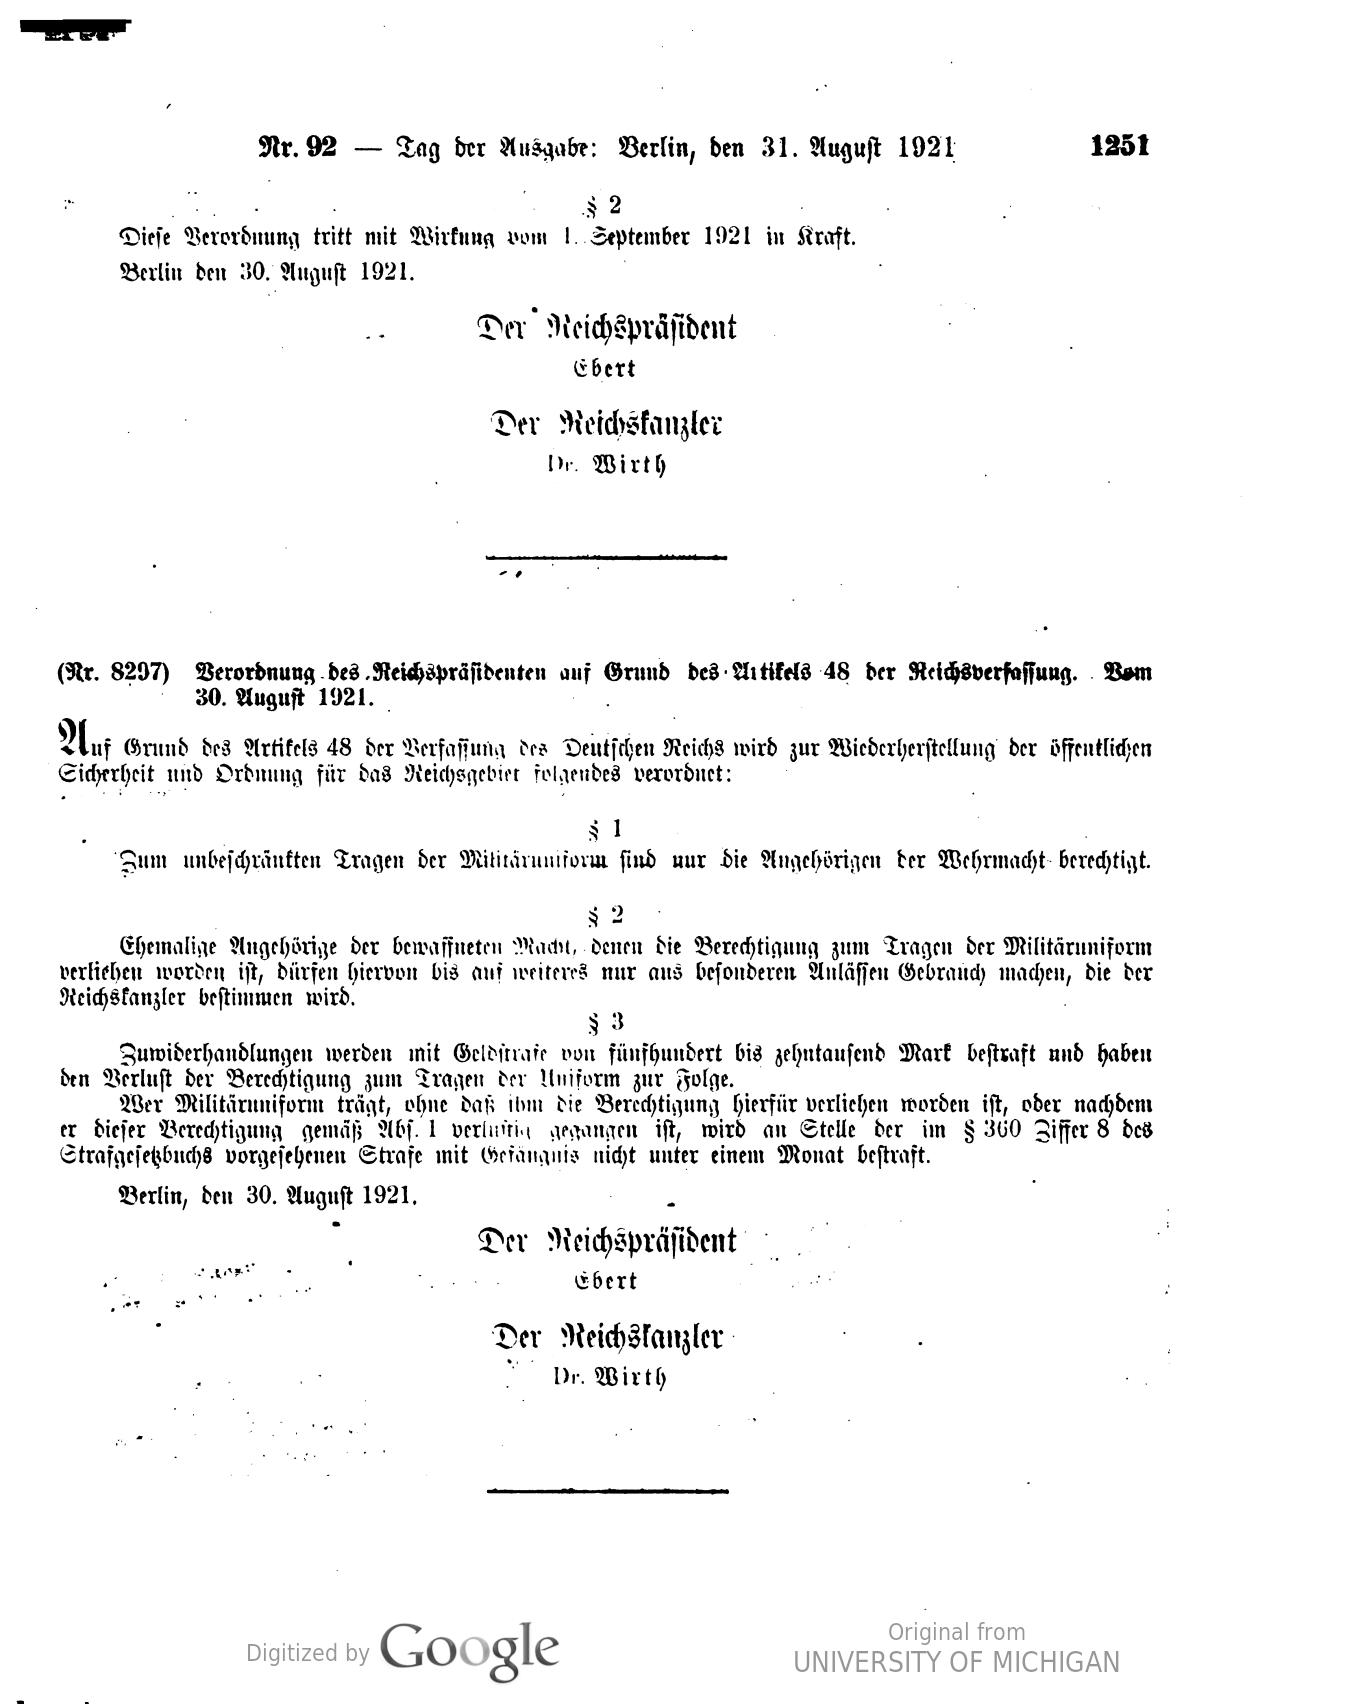 File:Deutsches Reichsgesetzblatt 1921 092 1251 png - Wikimedia Commons